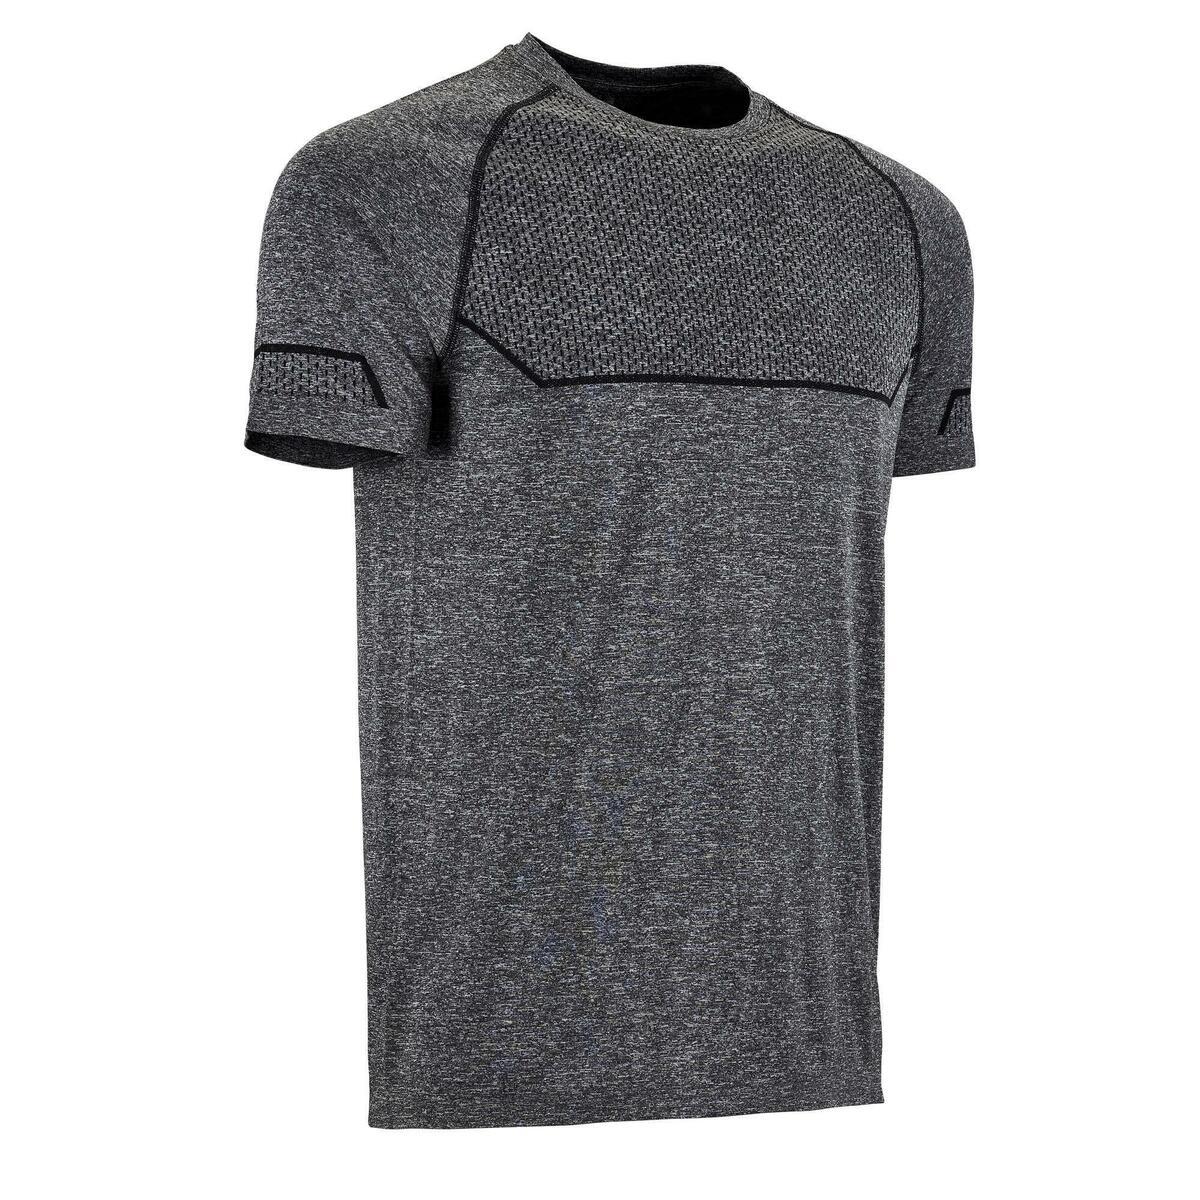 Bild 1 von T-Shirt Seamless Fitness Cardio Herren grau